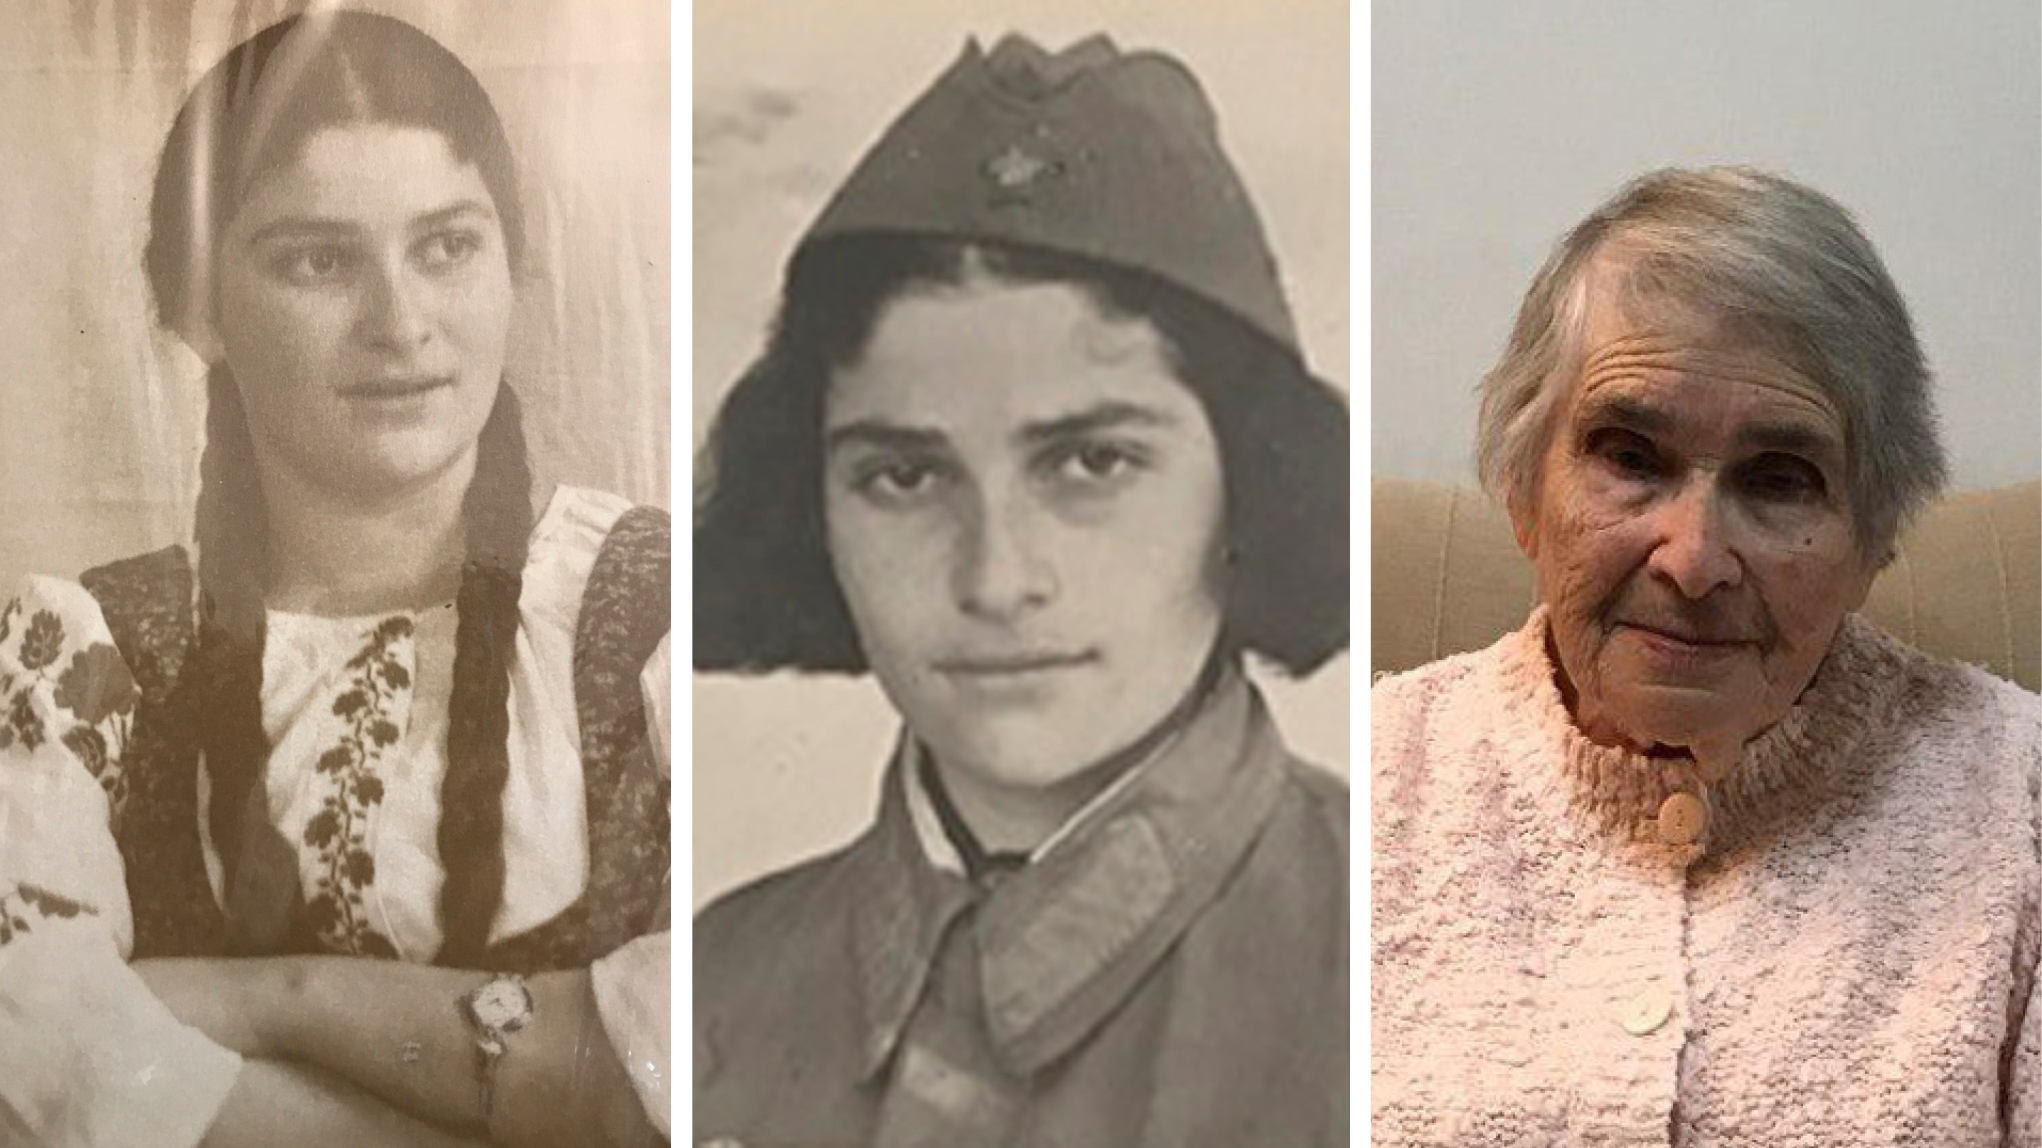 Белла Китайчик до войны, во время войны и сейчас в Израиле. Фото: личный архив; Дмитрий Мирский